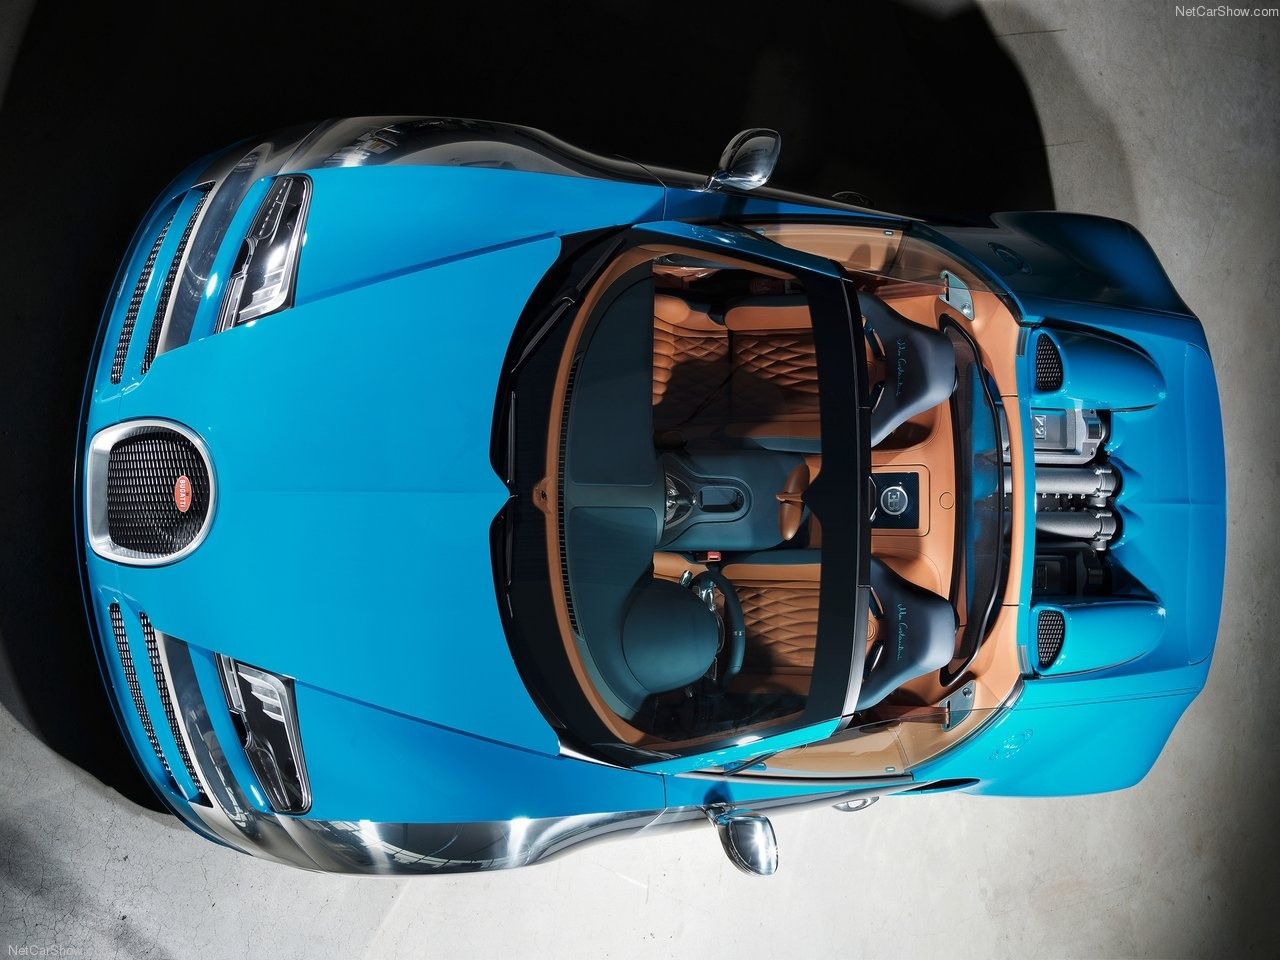 سومین سری افسانهای بوگاتی ویرون با قیمت 2,090,000 یورو